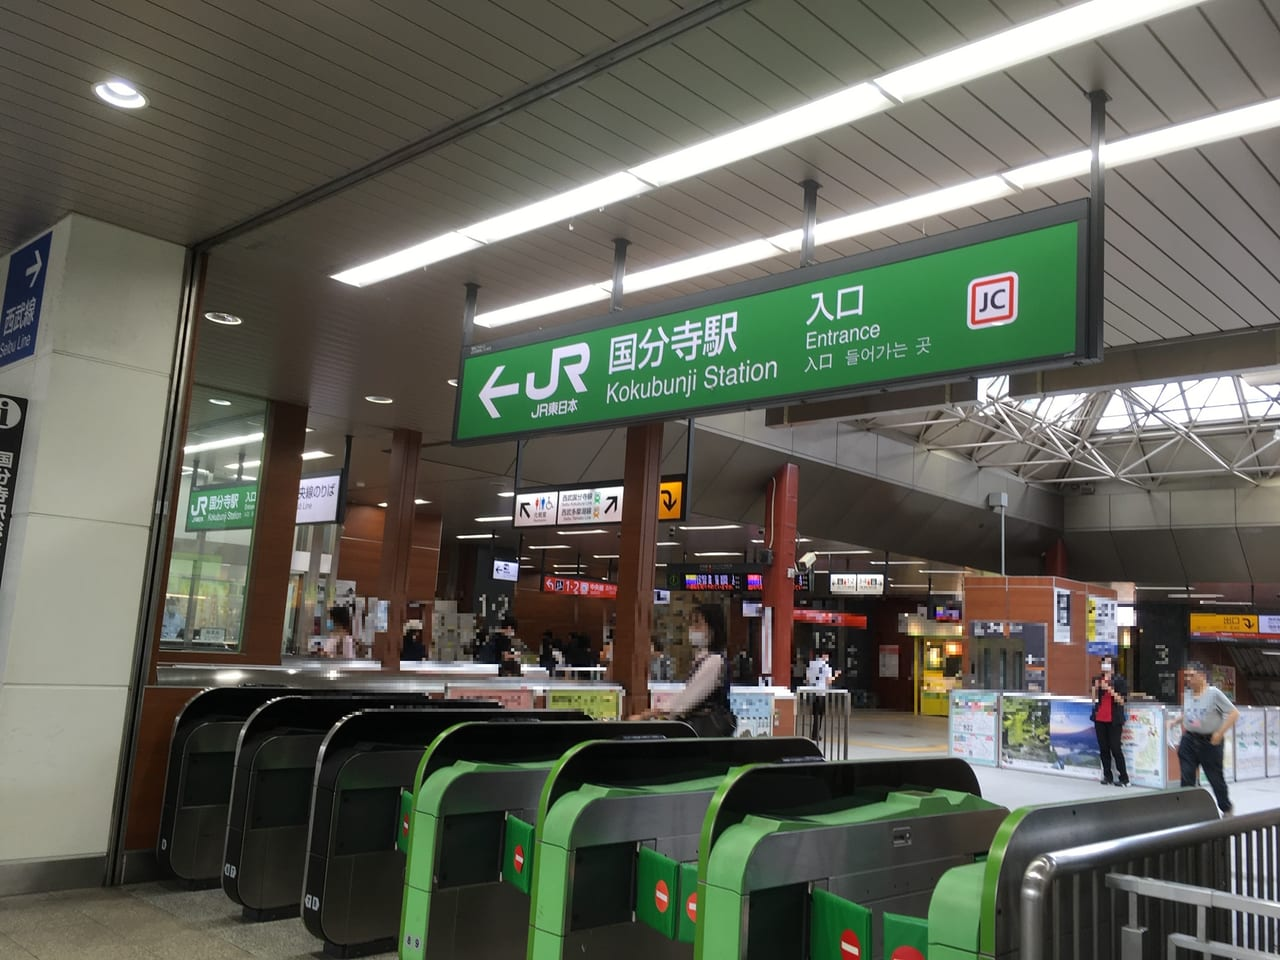 7月24日11時05分頃からJR中央線国分寺駅で人が転落し、上下線の一部列車に遅れが出ているようです。